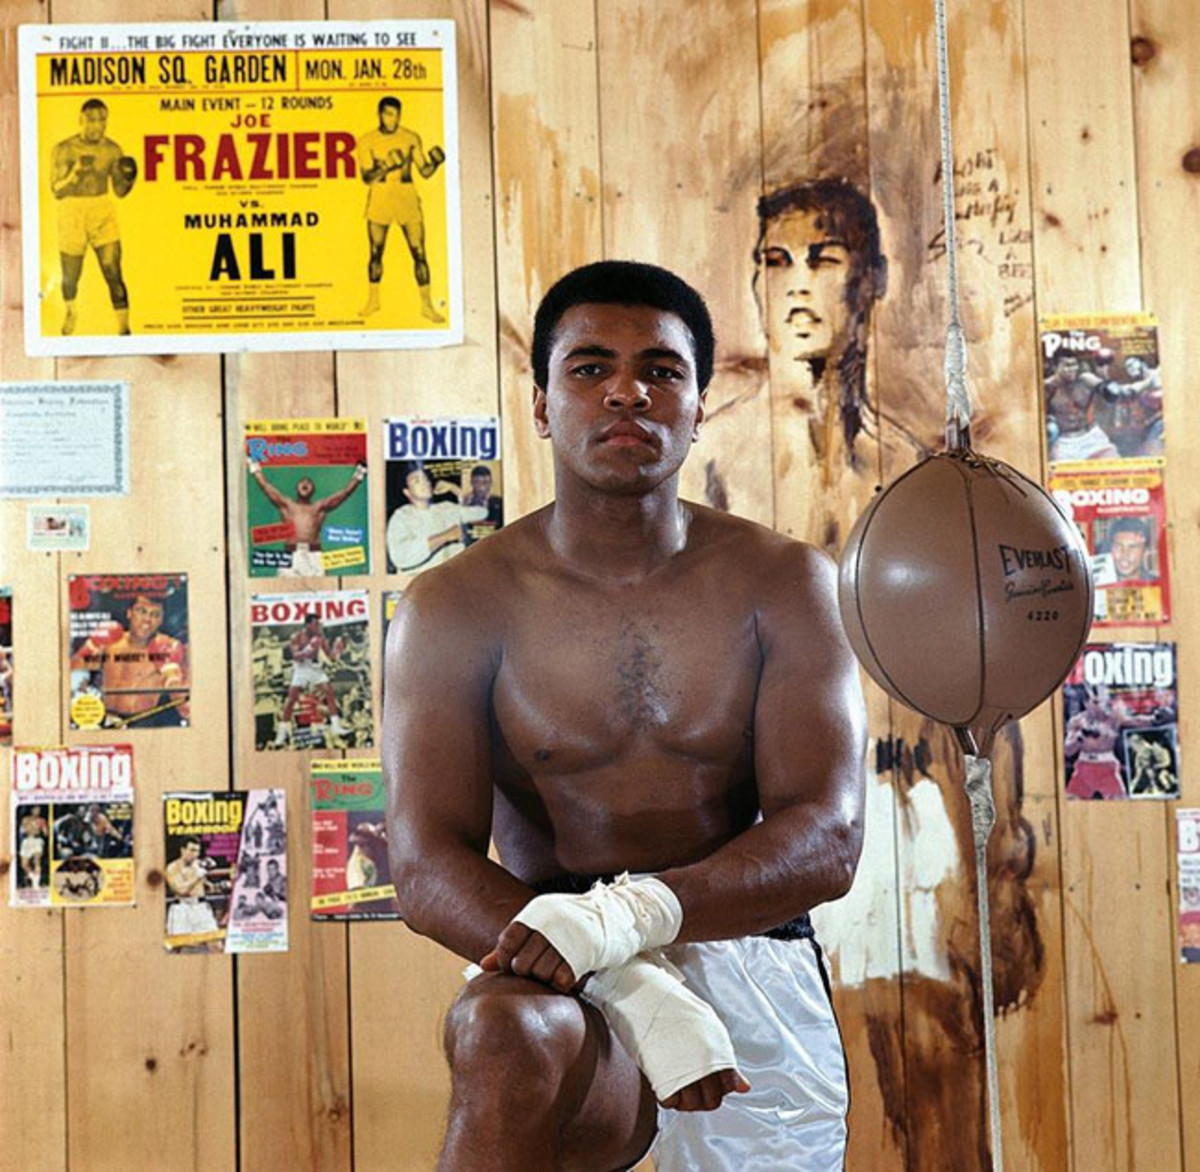 05-1974-Muhammad-Ali-079008578.jpg